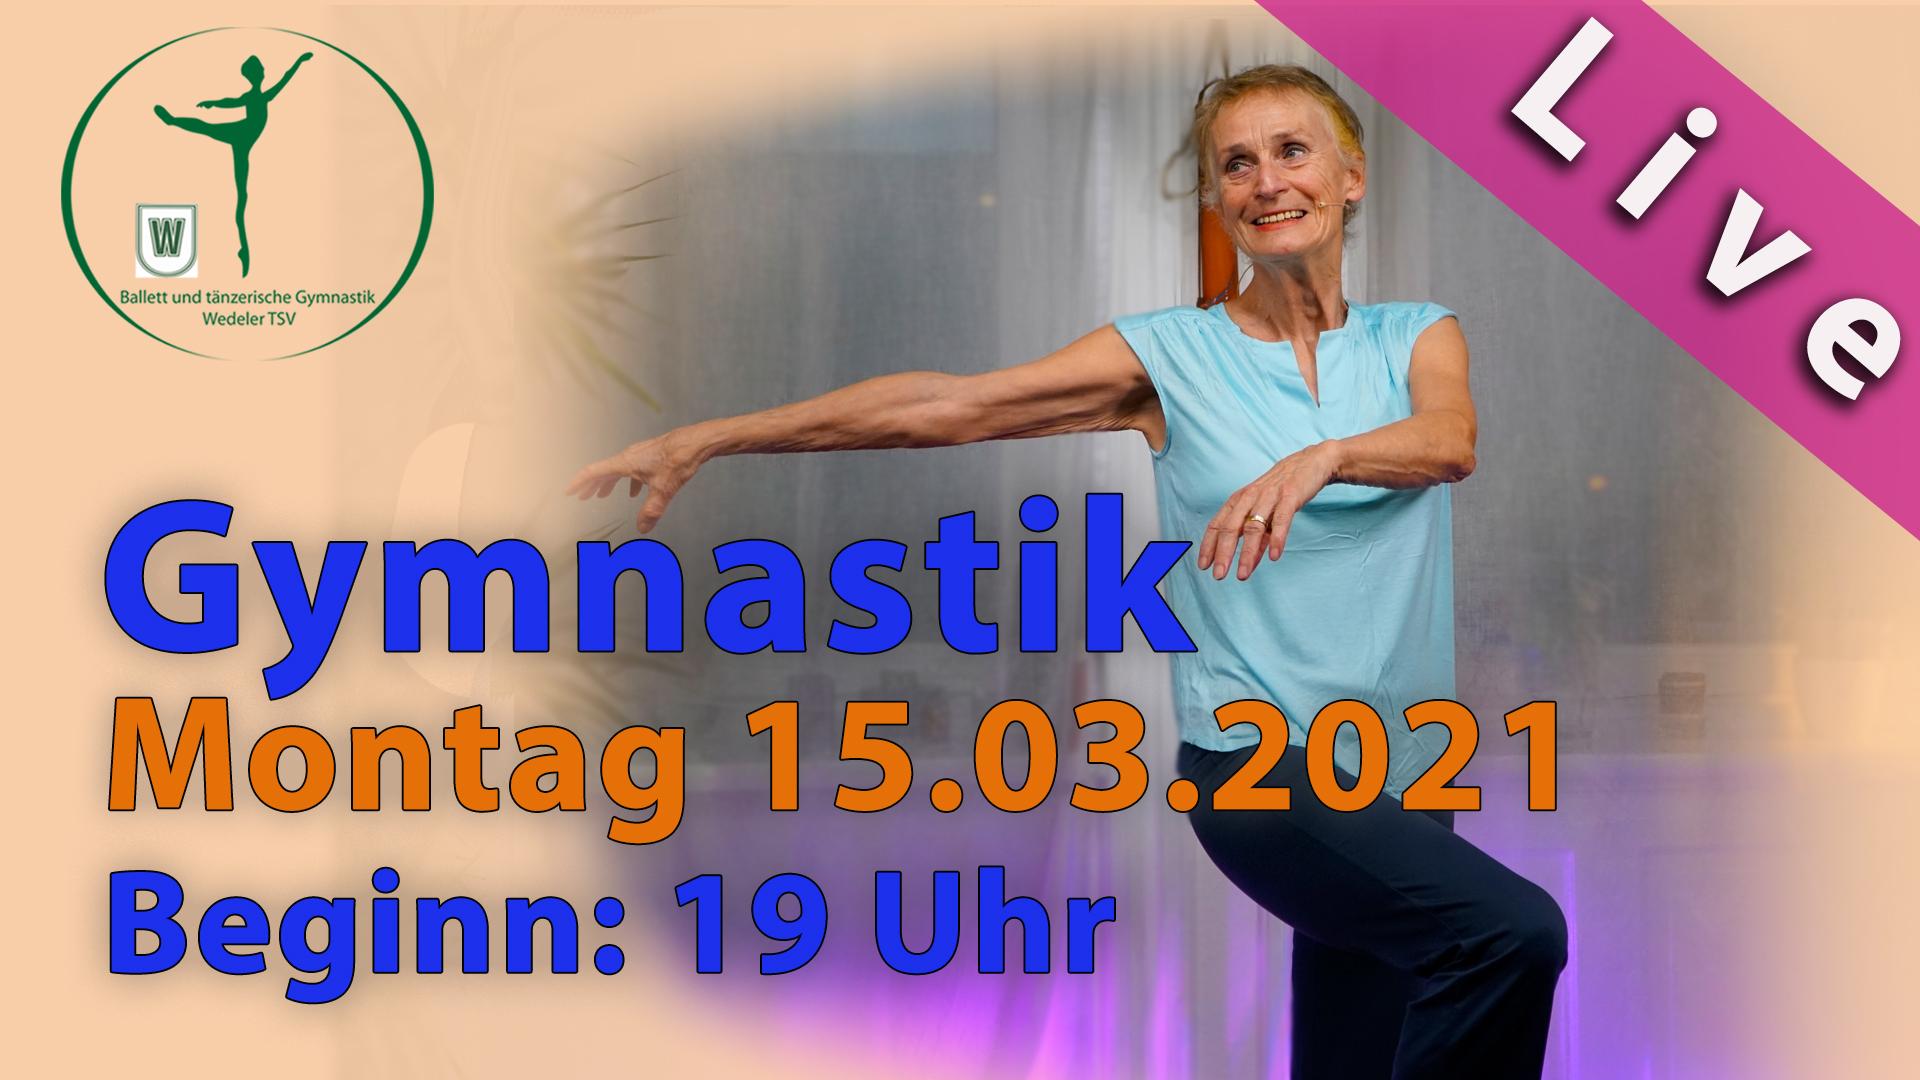 Gymnastik Livestream | Mo 15.03.2021 | 19 Uhr